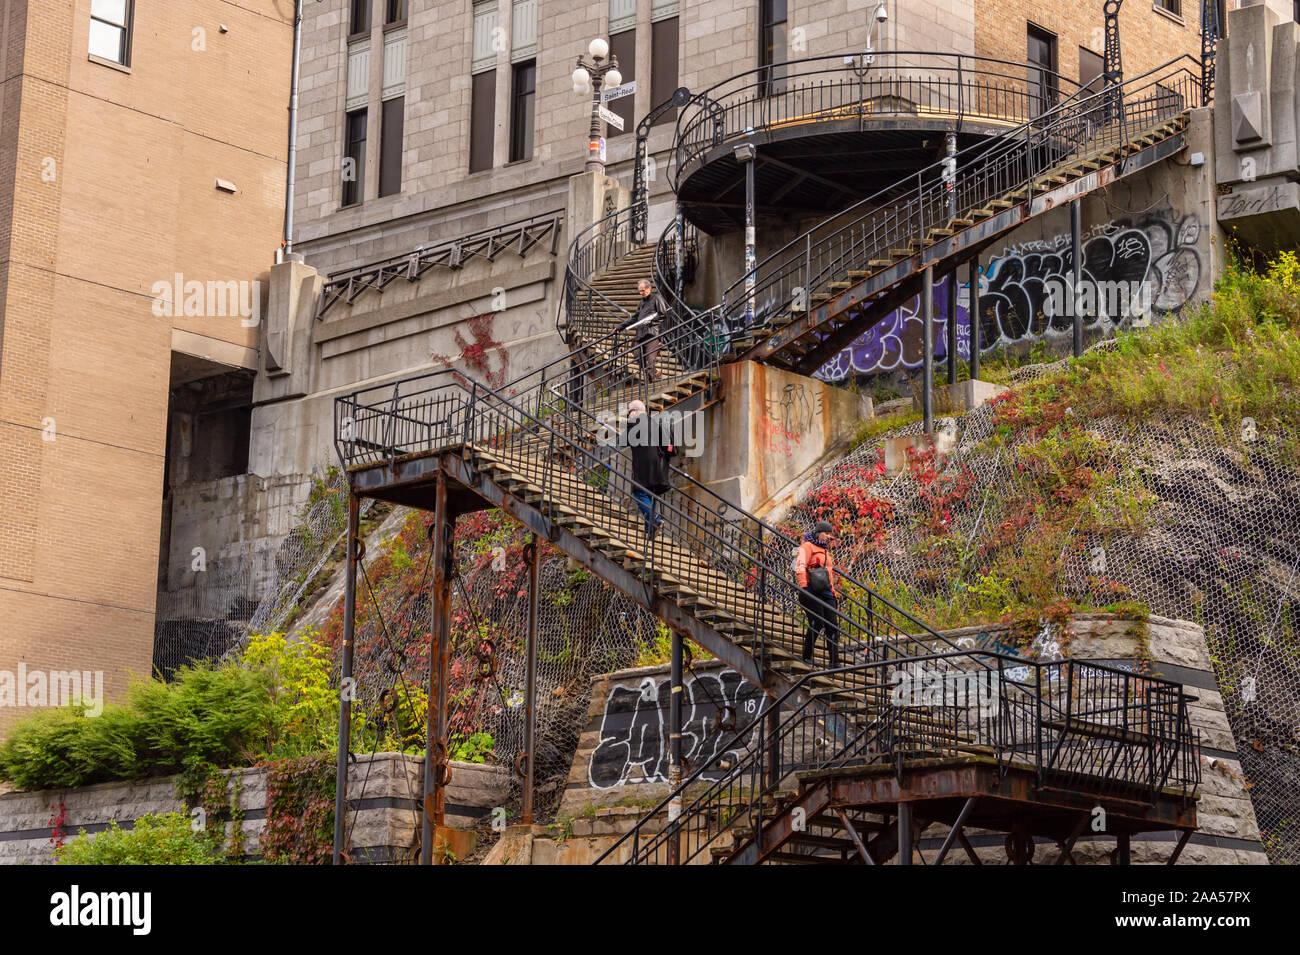 La Ciudad de Quebec, Canadá - 4 de octubre de 2019: Saint-Roch jardín escaleras (Escalier du Faubourg) en rue de la Couronne Foto de stock